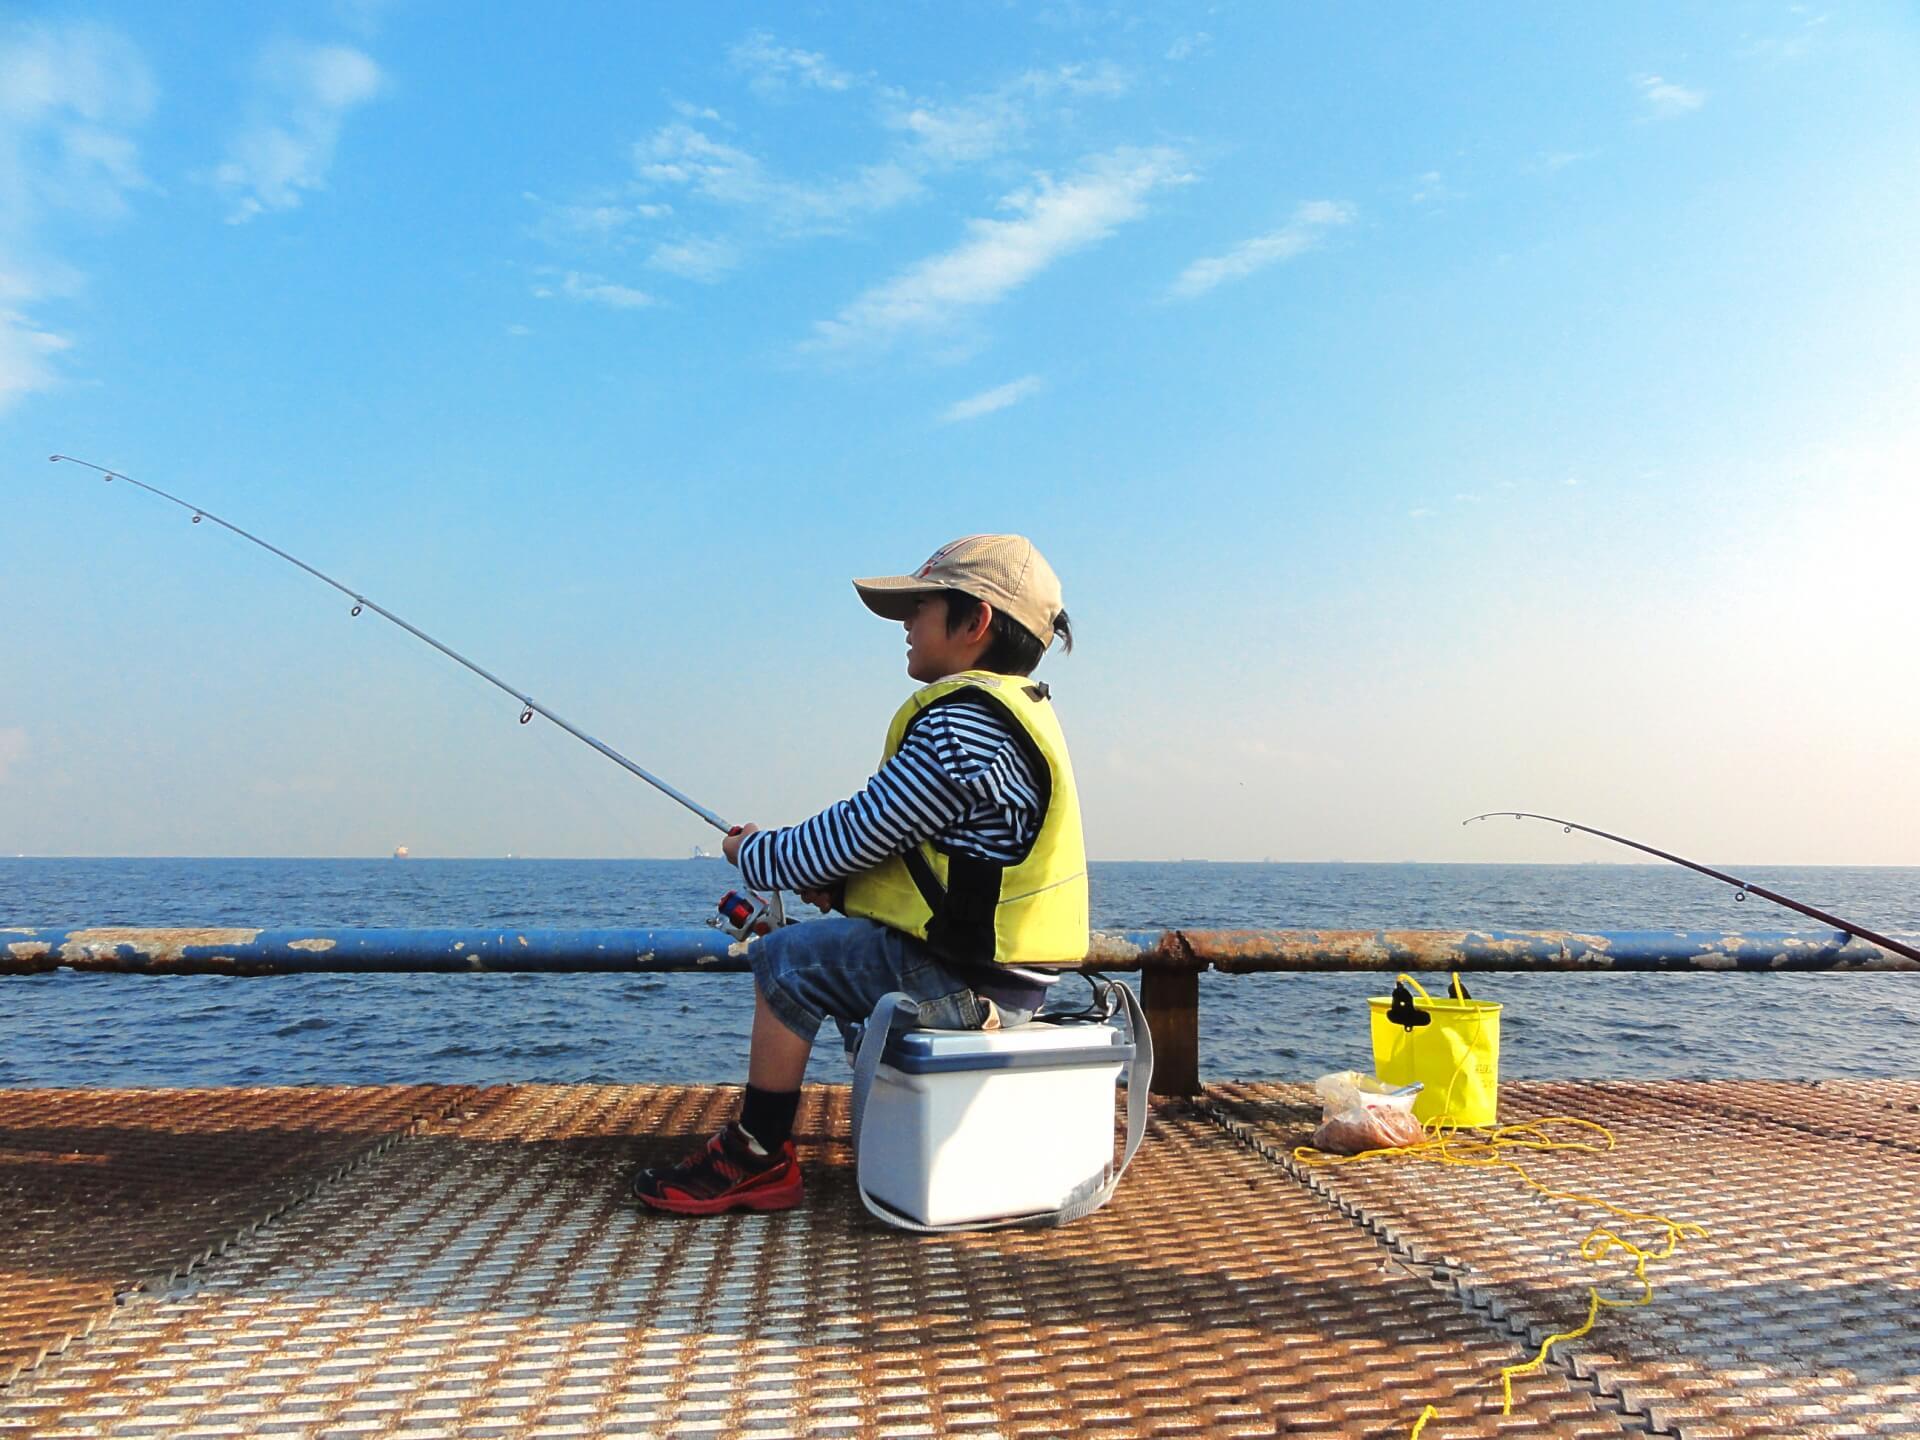 沢山魚が釣れる場所知りたい!焼津の釣りスポット3選